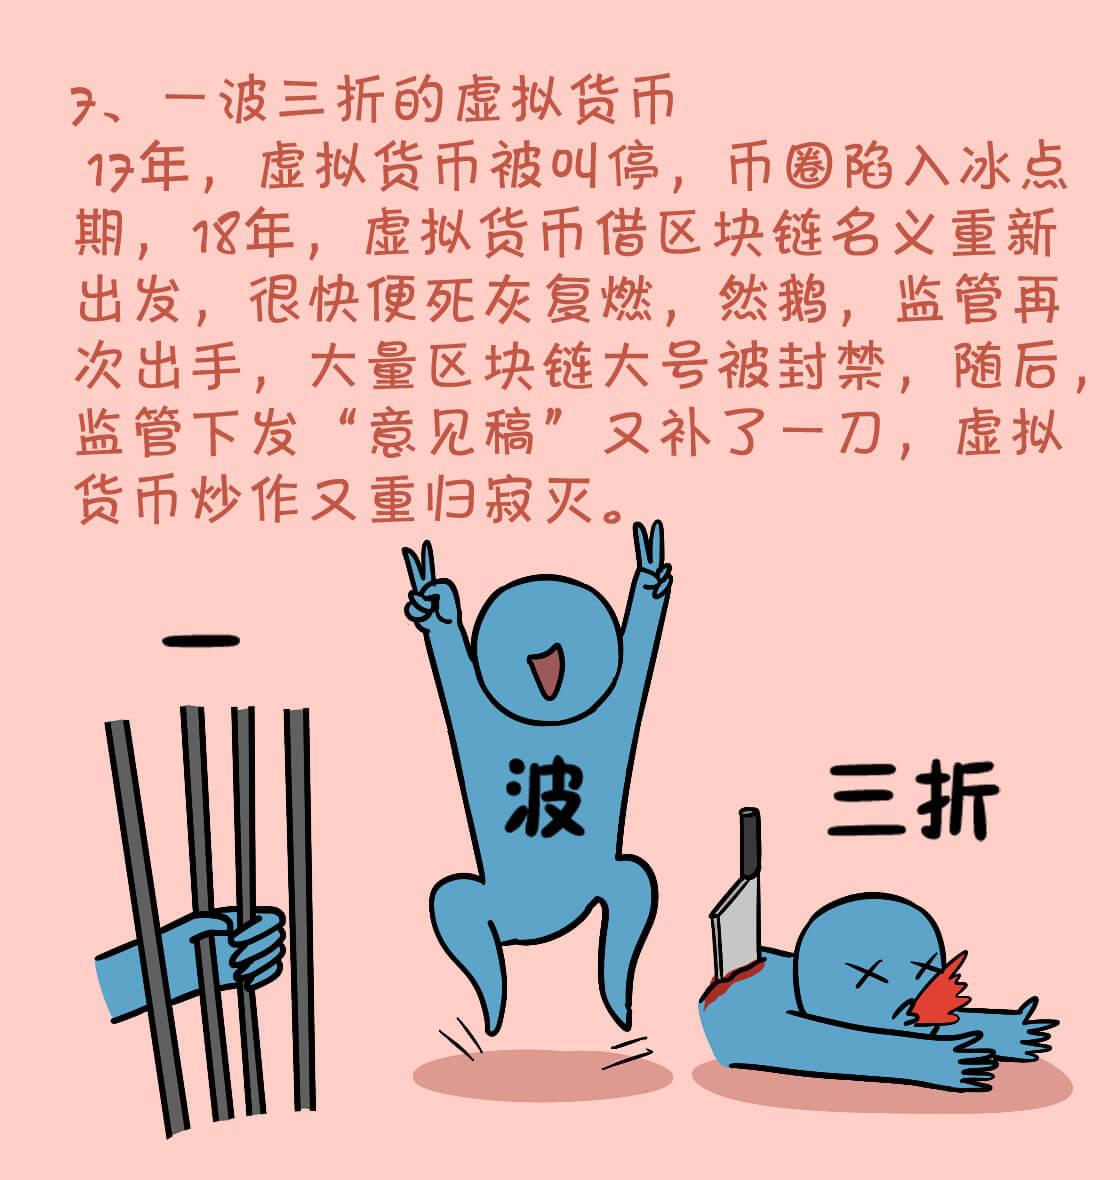 【小天漫画】2018悄悄过去 跟着二舅来波回忆杀9